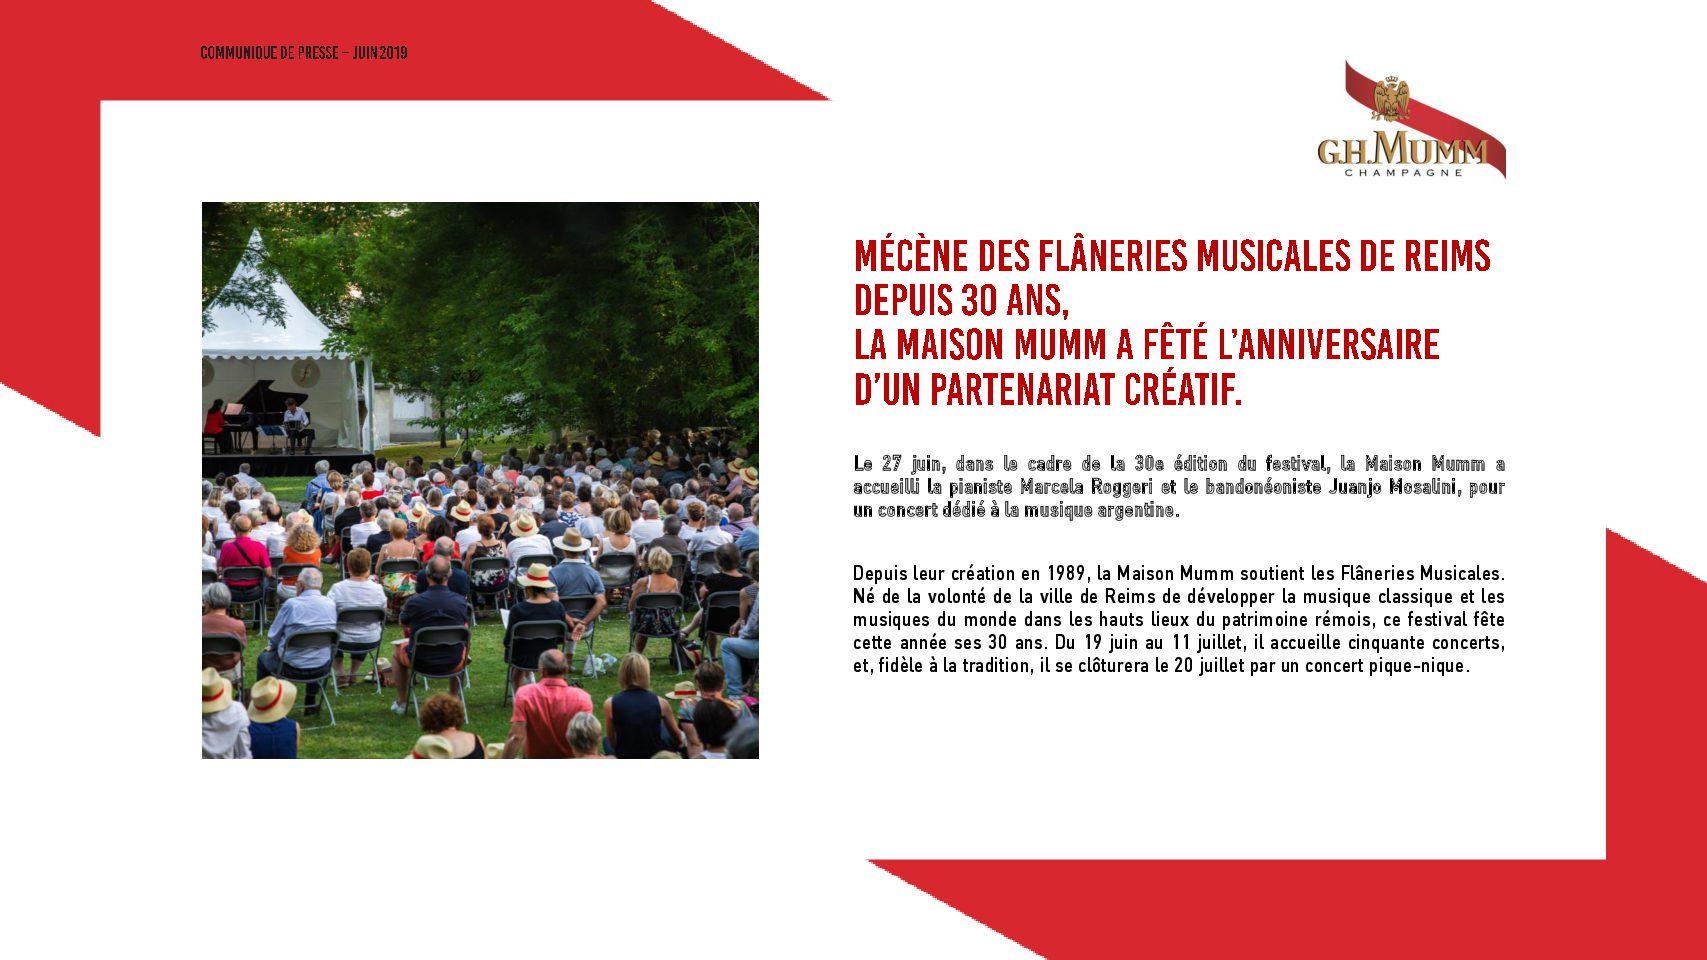 Communique de presse 30 ans Flaneries Musicales x Mumm